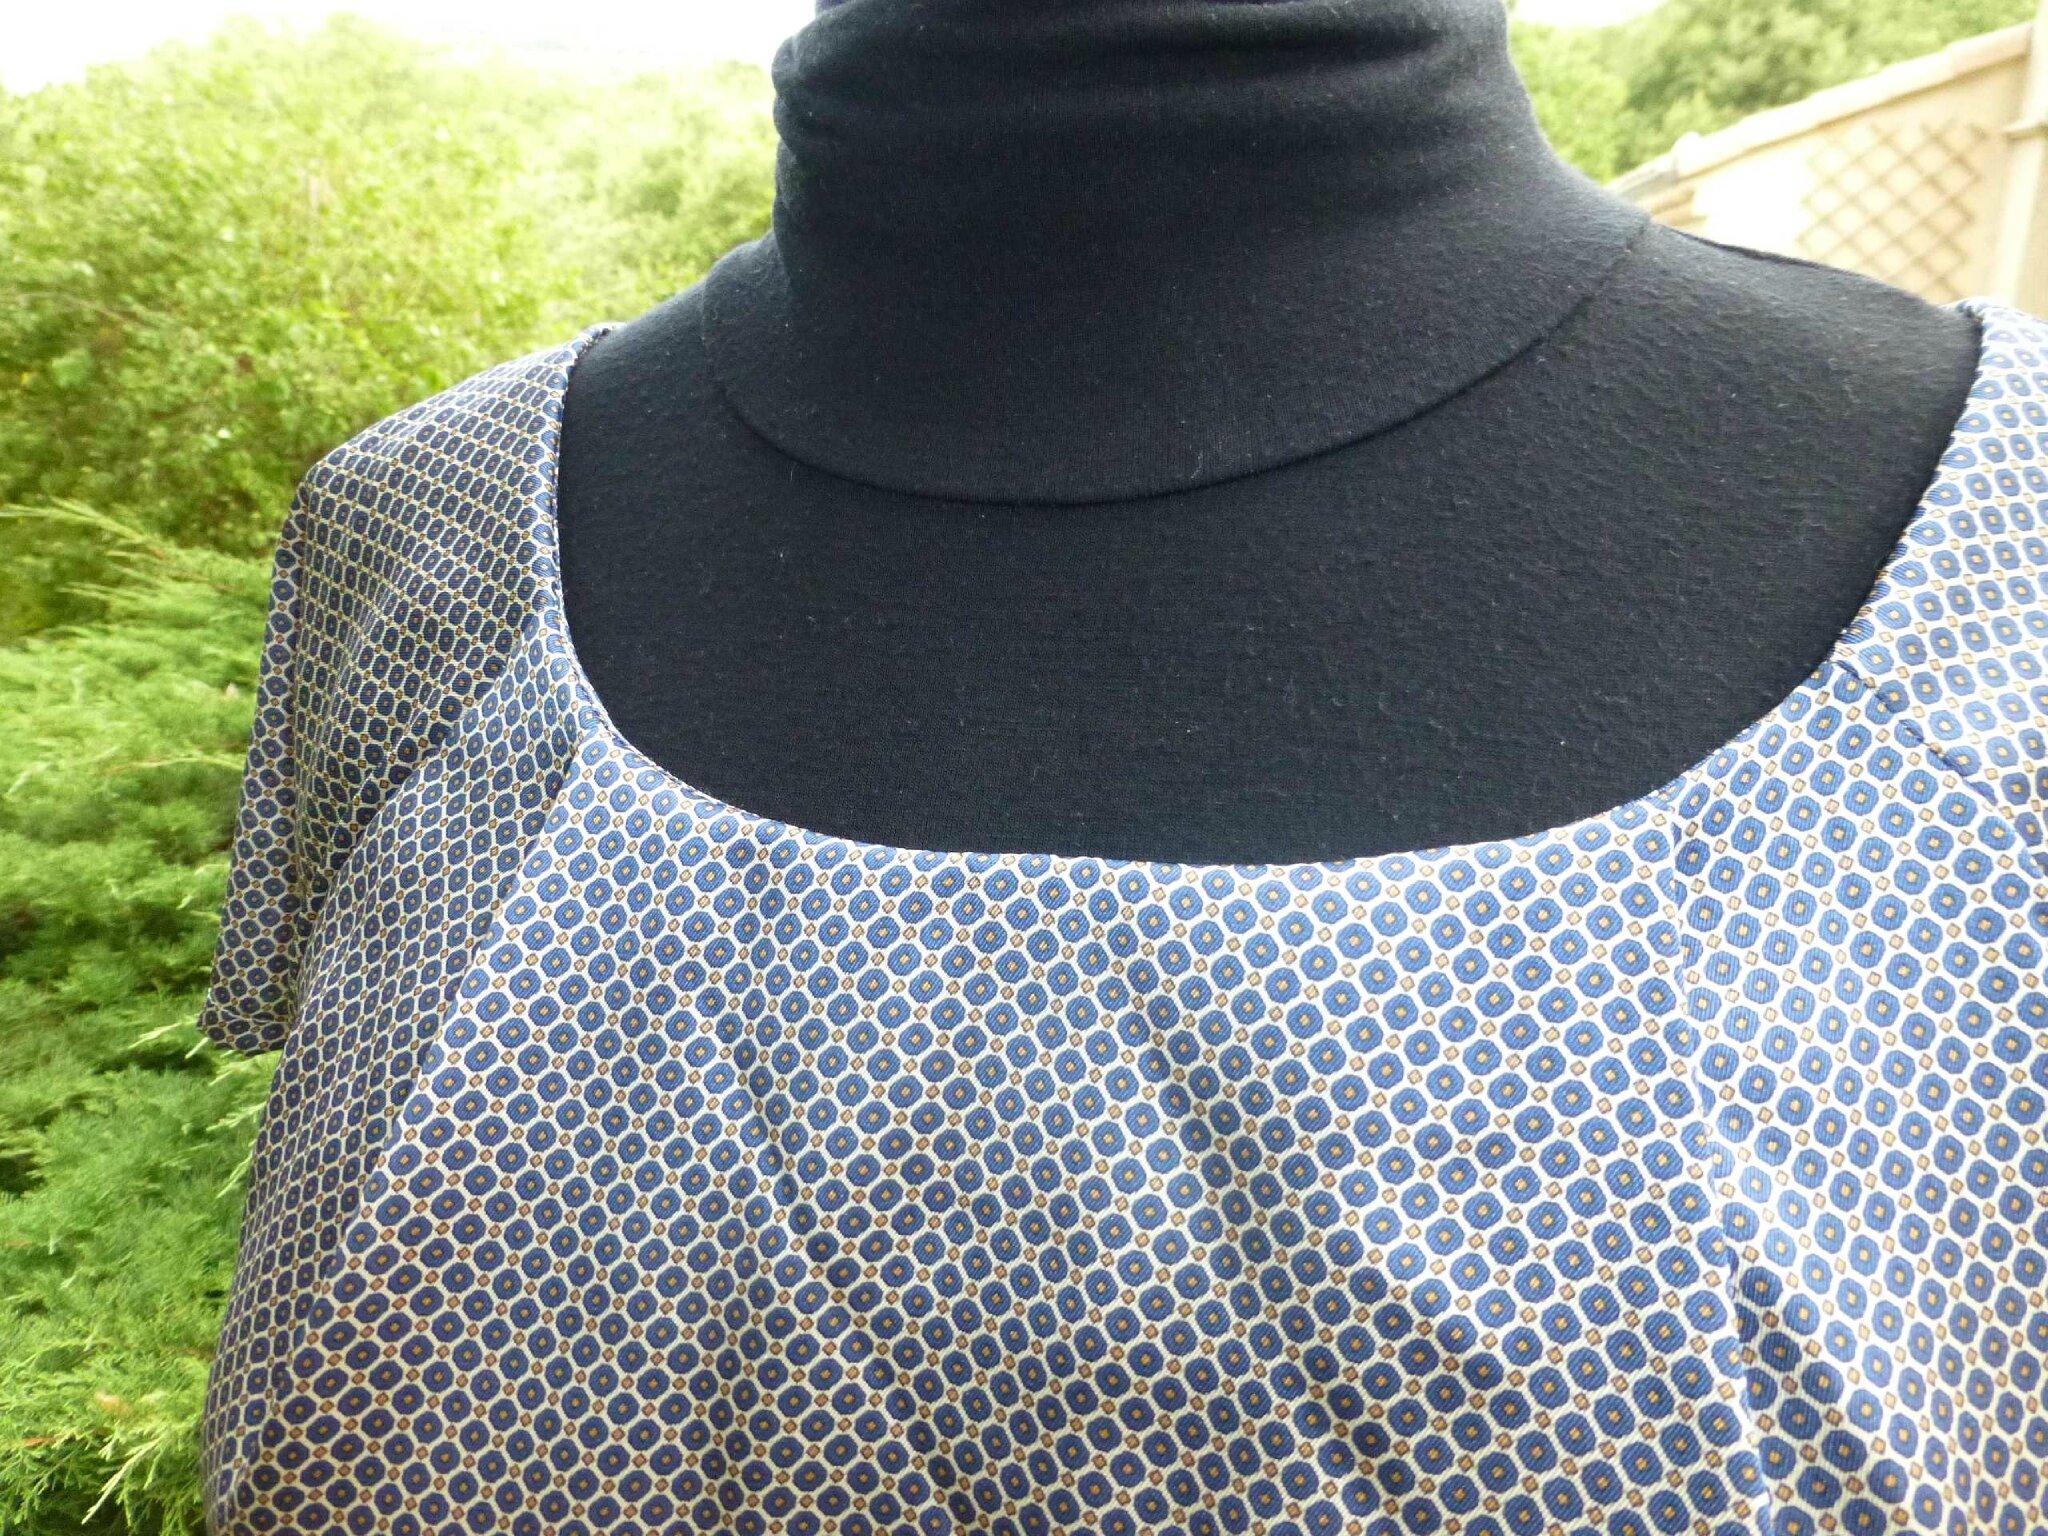 c 39 est une blouse bleue l 39 atelier de sybelle. Black Bedroom Furniture Sets. Home Design Ideas